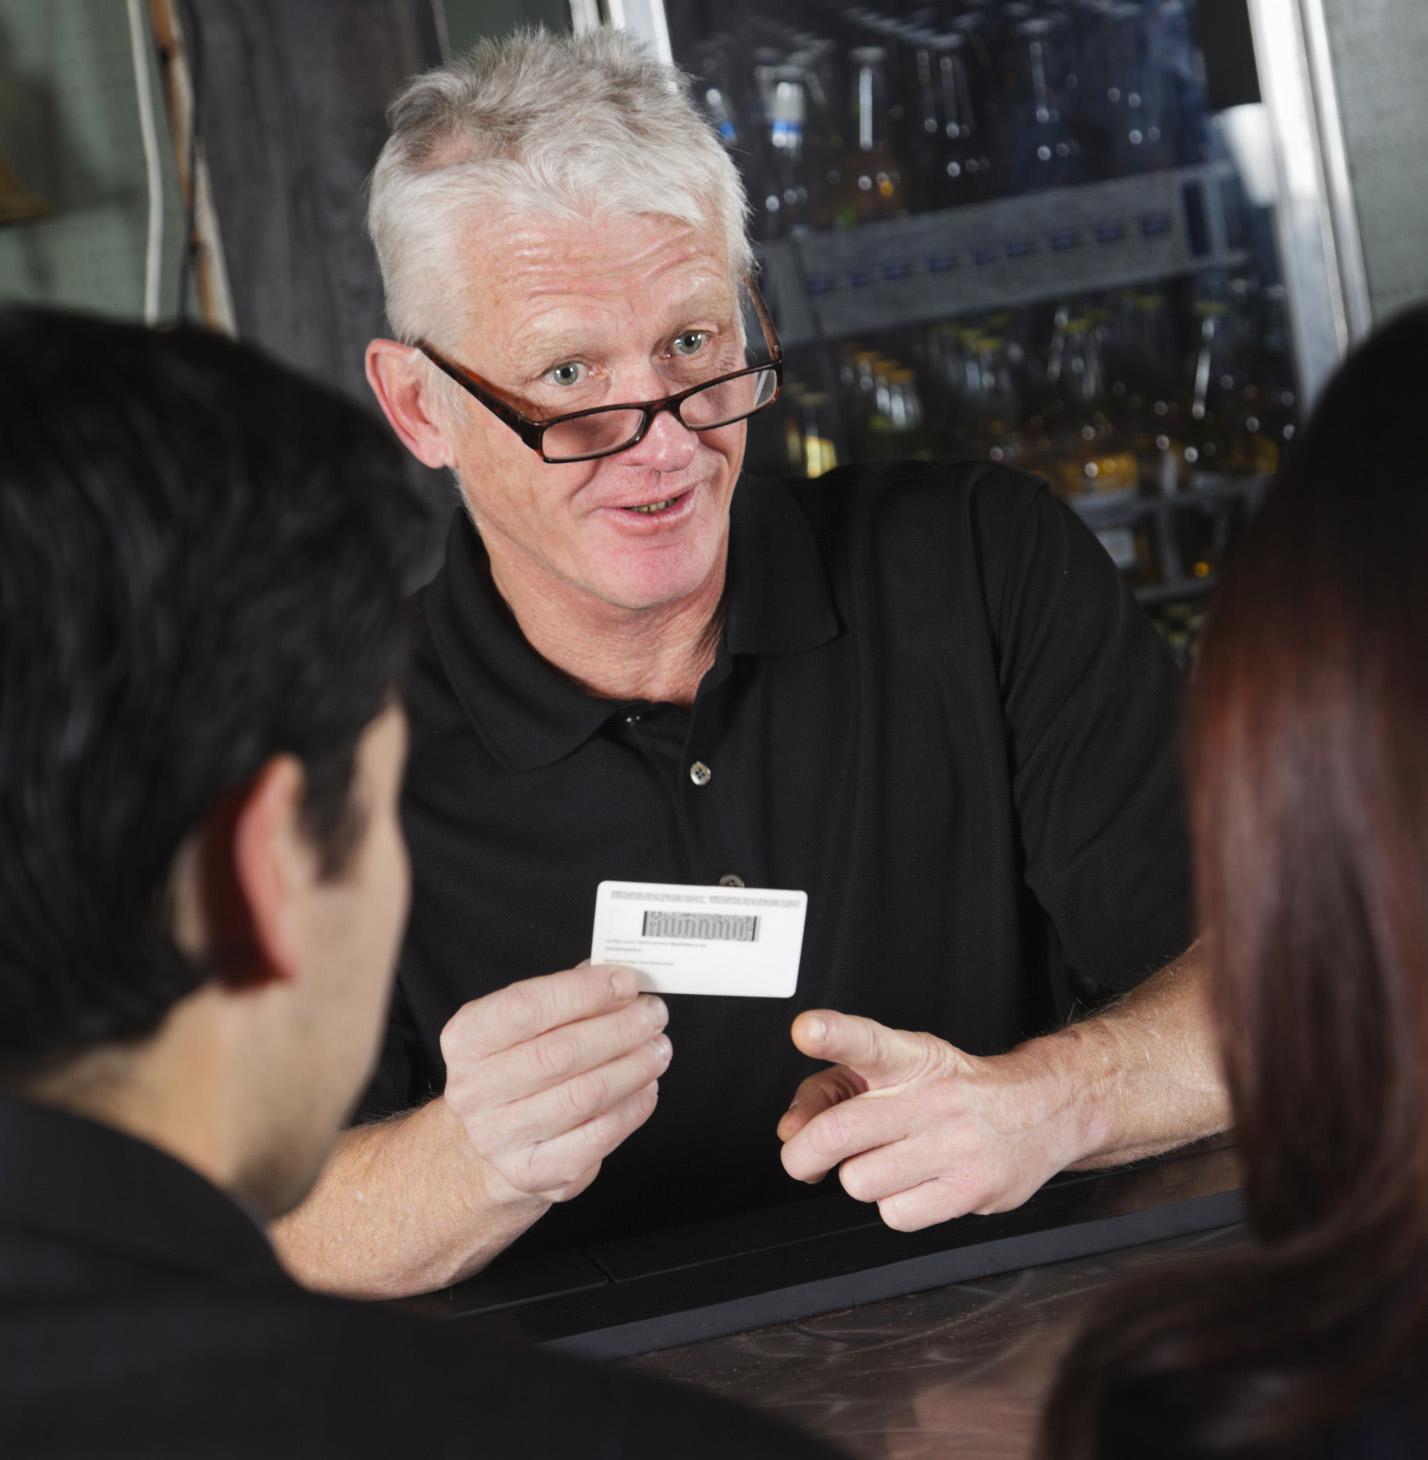 Bartender-checking-IDs-crop-ThinkstockPhotos-185007448-Rich Legg